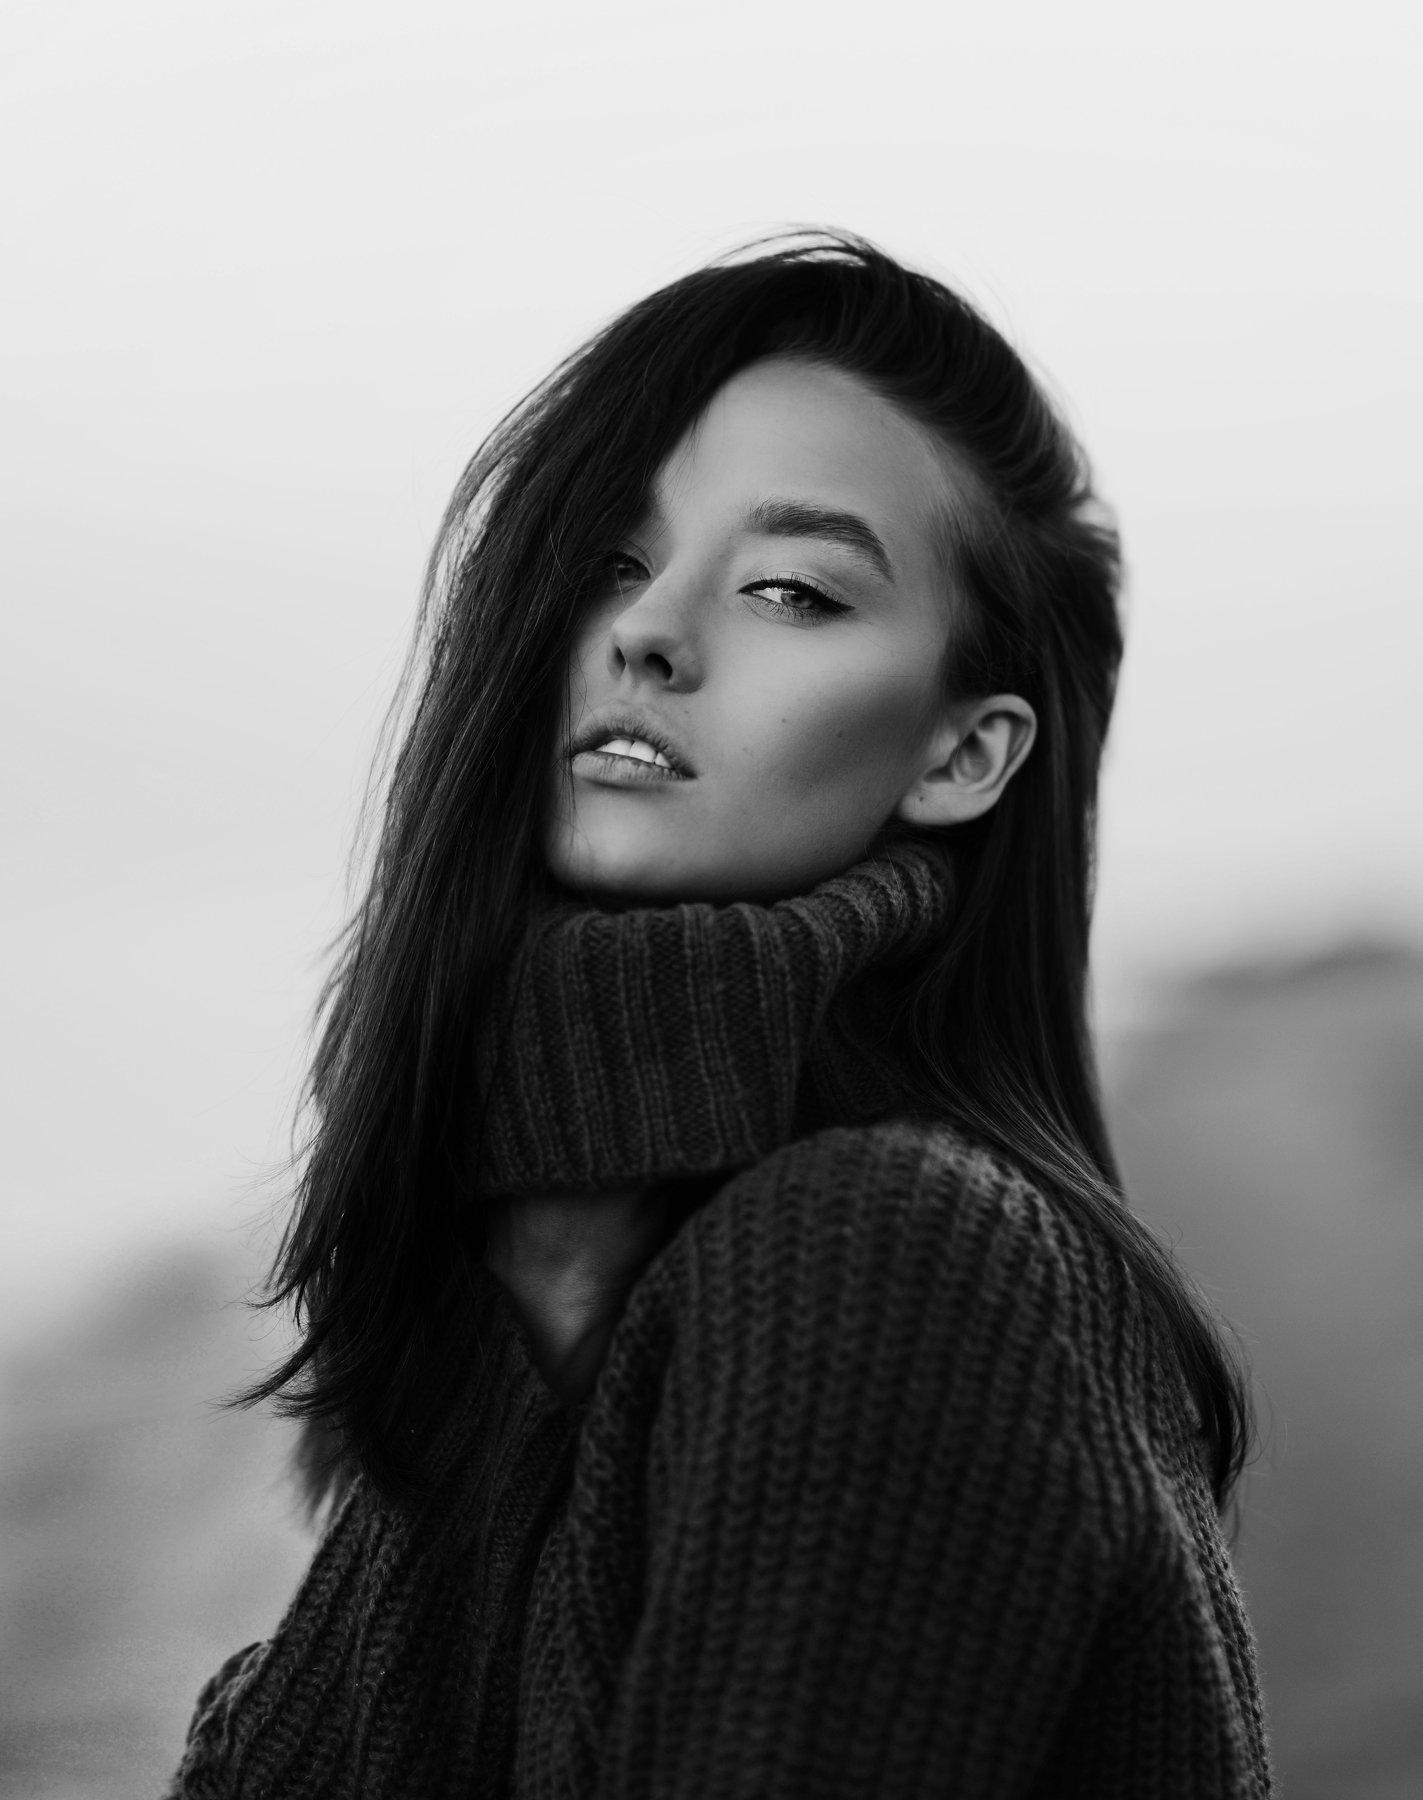 портрет, чб, натуральный свет, эстония, 85мм, , Анастасия Волкова